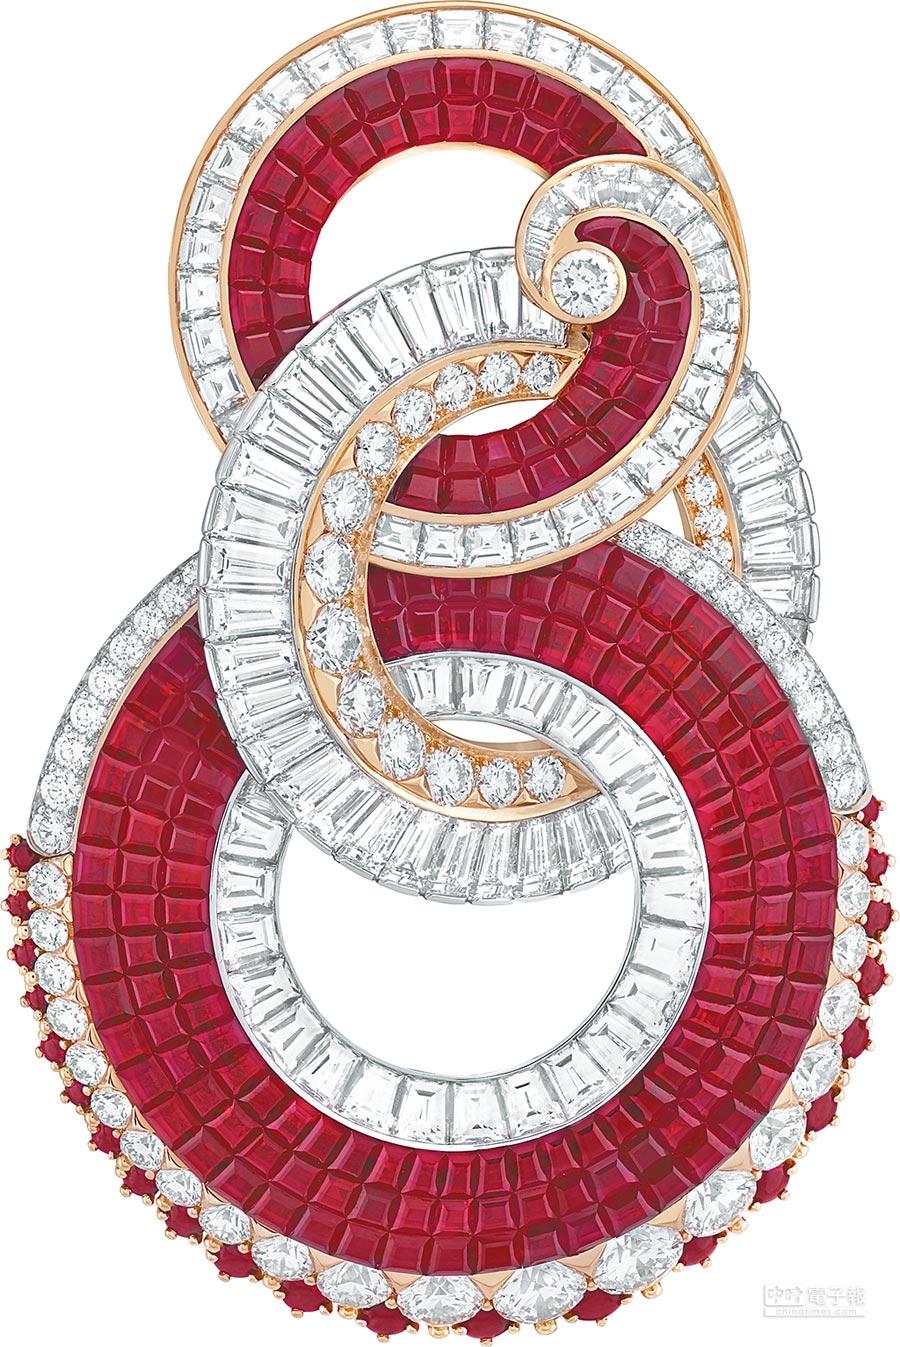 梵克雅寶Etreinte胸針為擁抱主題,看來卻有華人最愛的「8(發)」般好運氣息。(梵克雅寶提供)